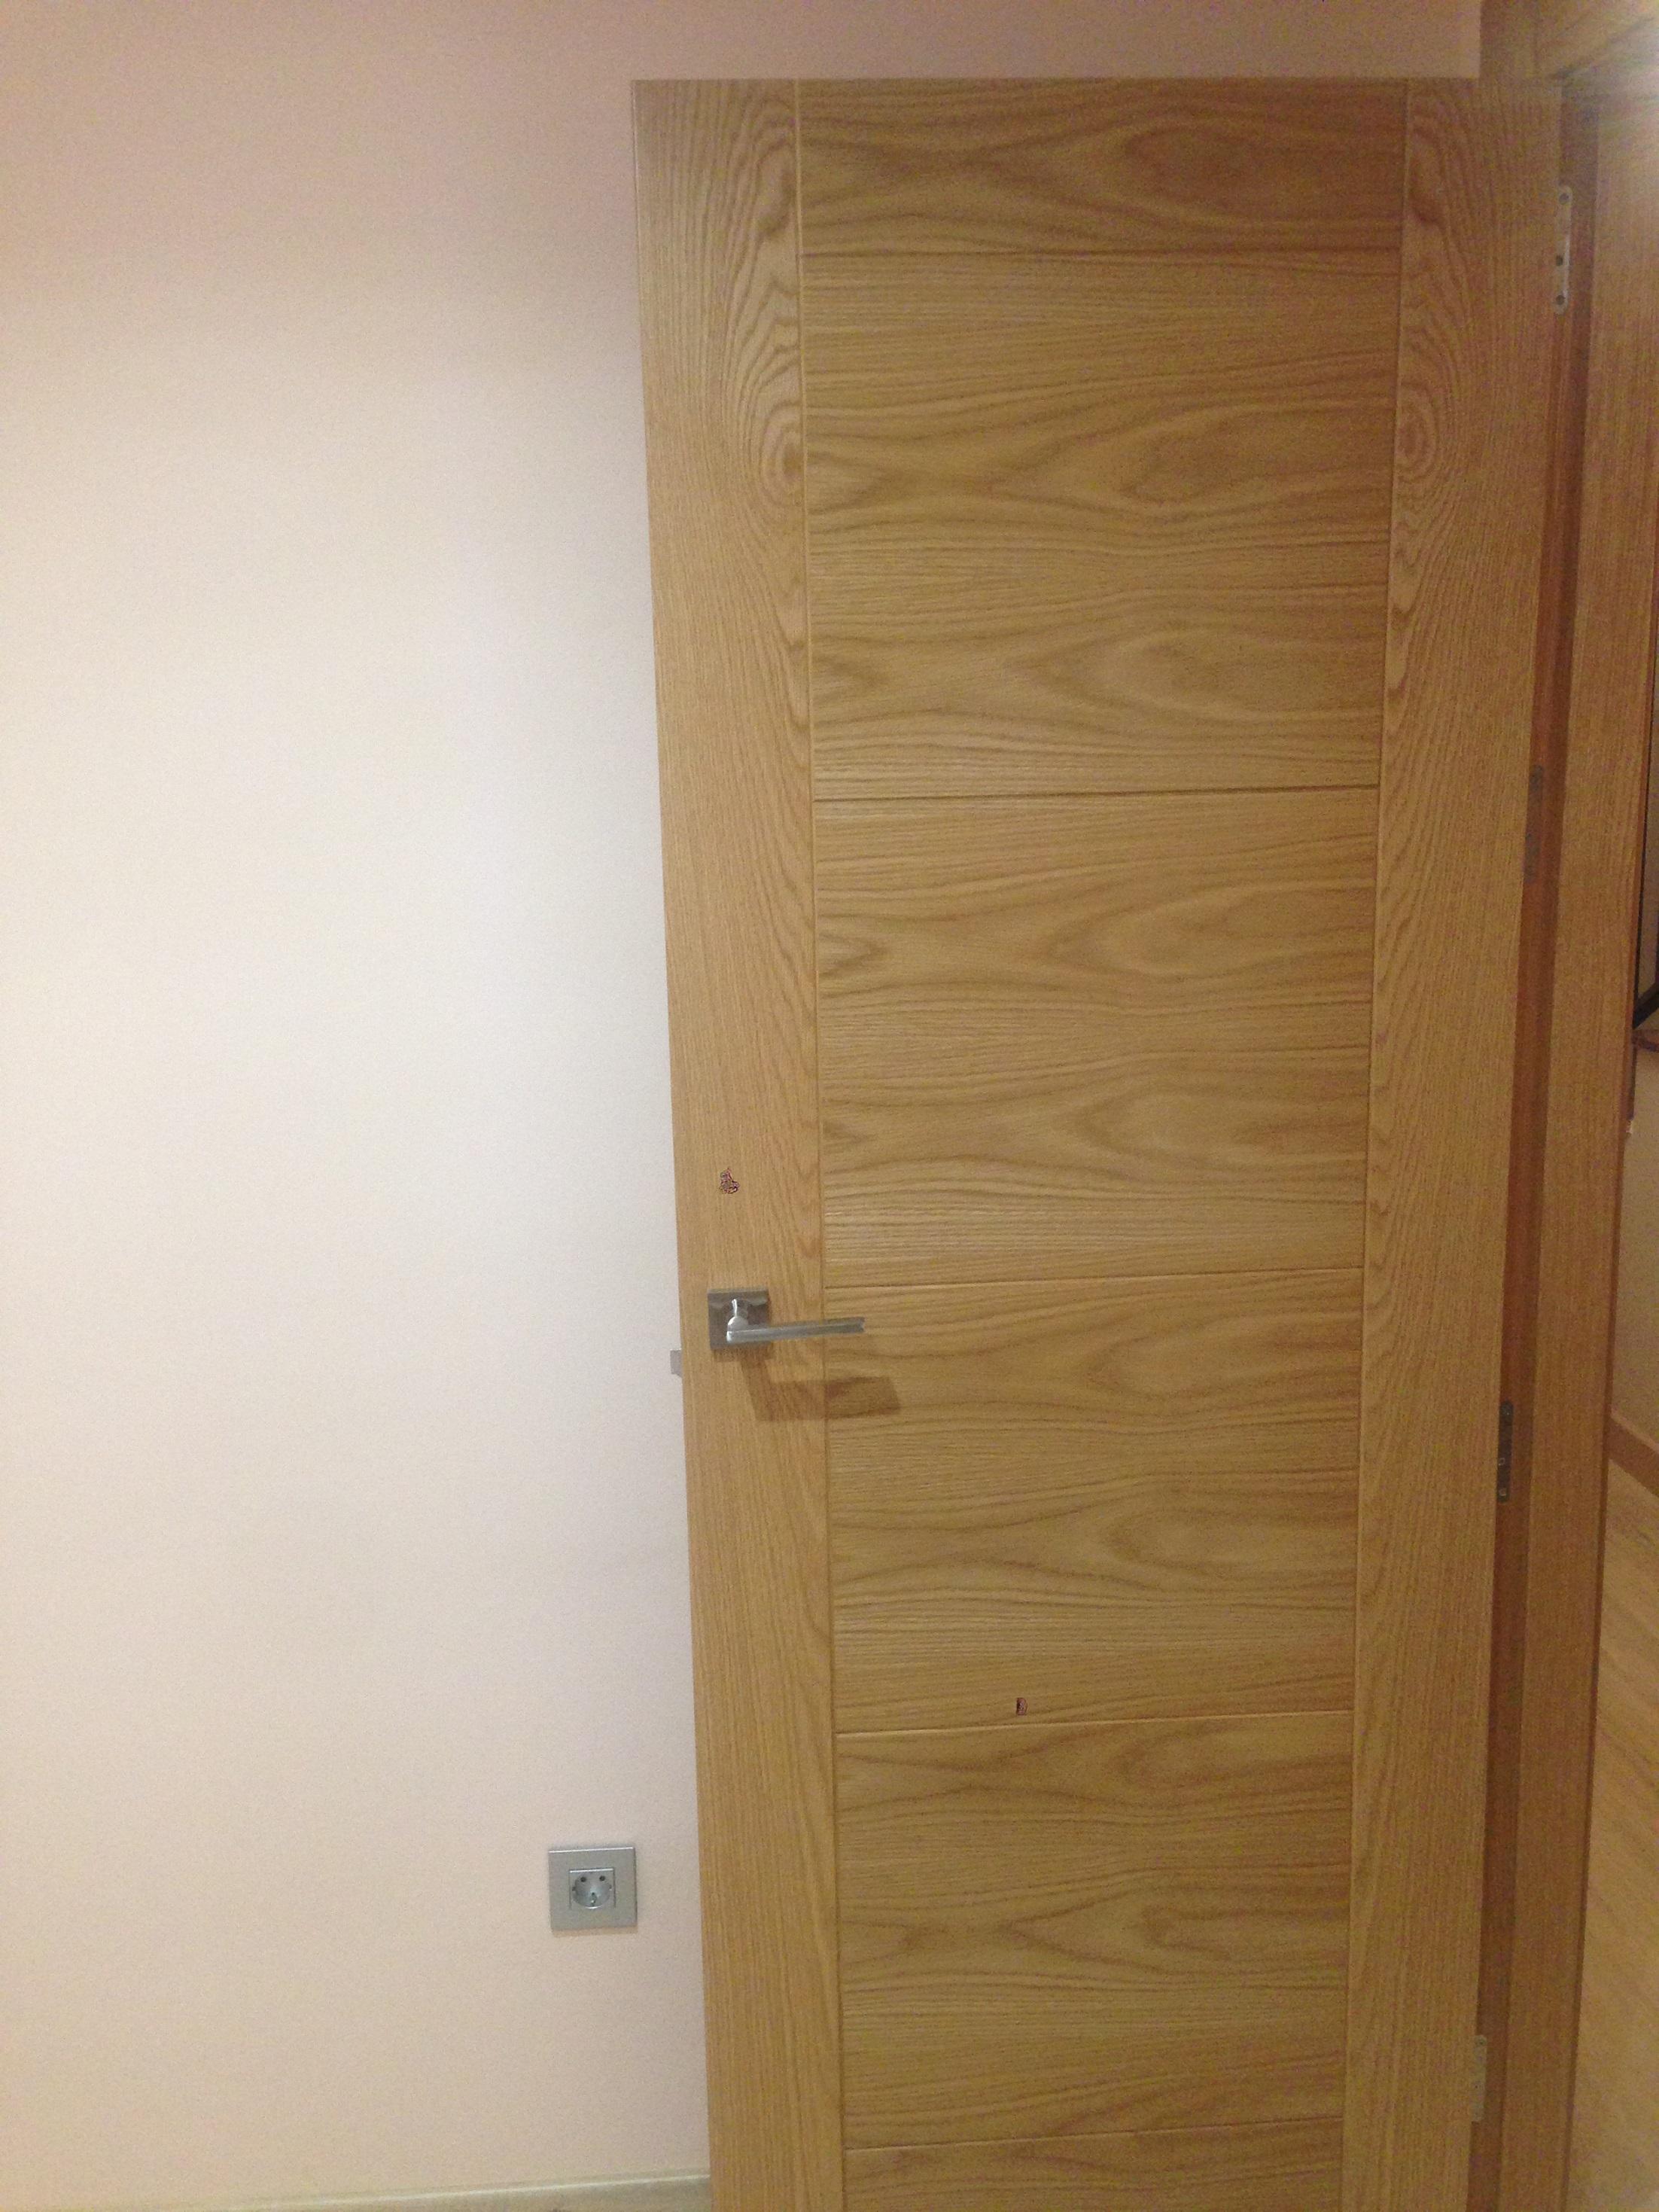 Trabajos realizados puertas de paso interior de madera for Puertas a medida